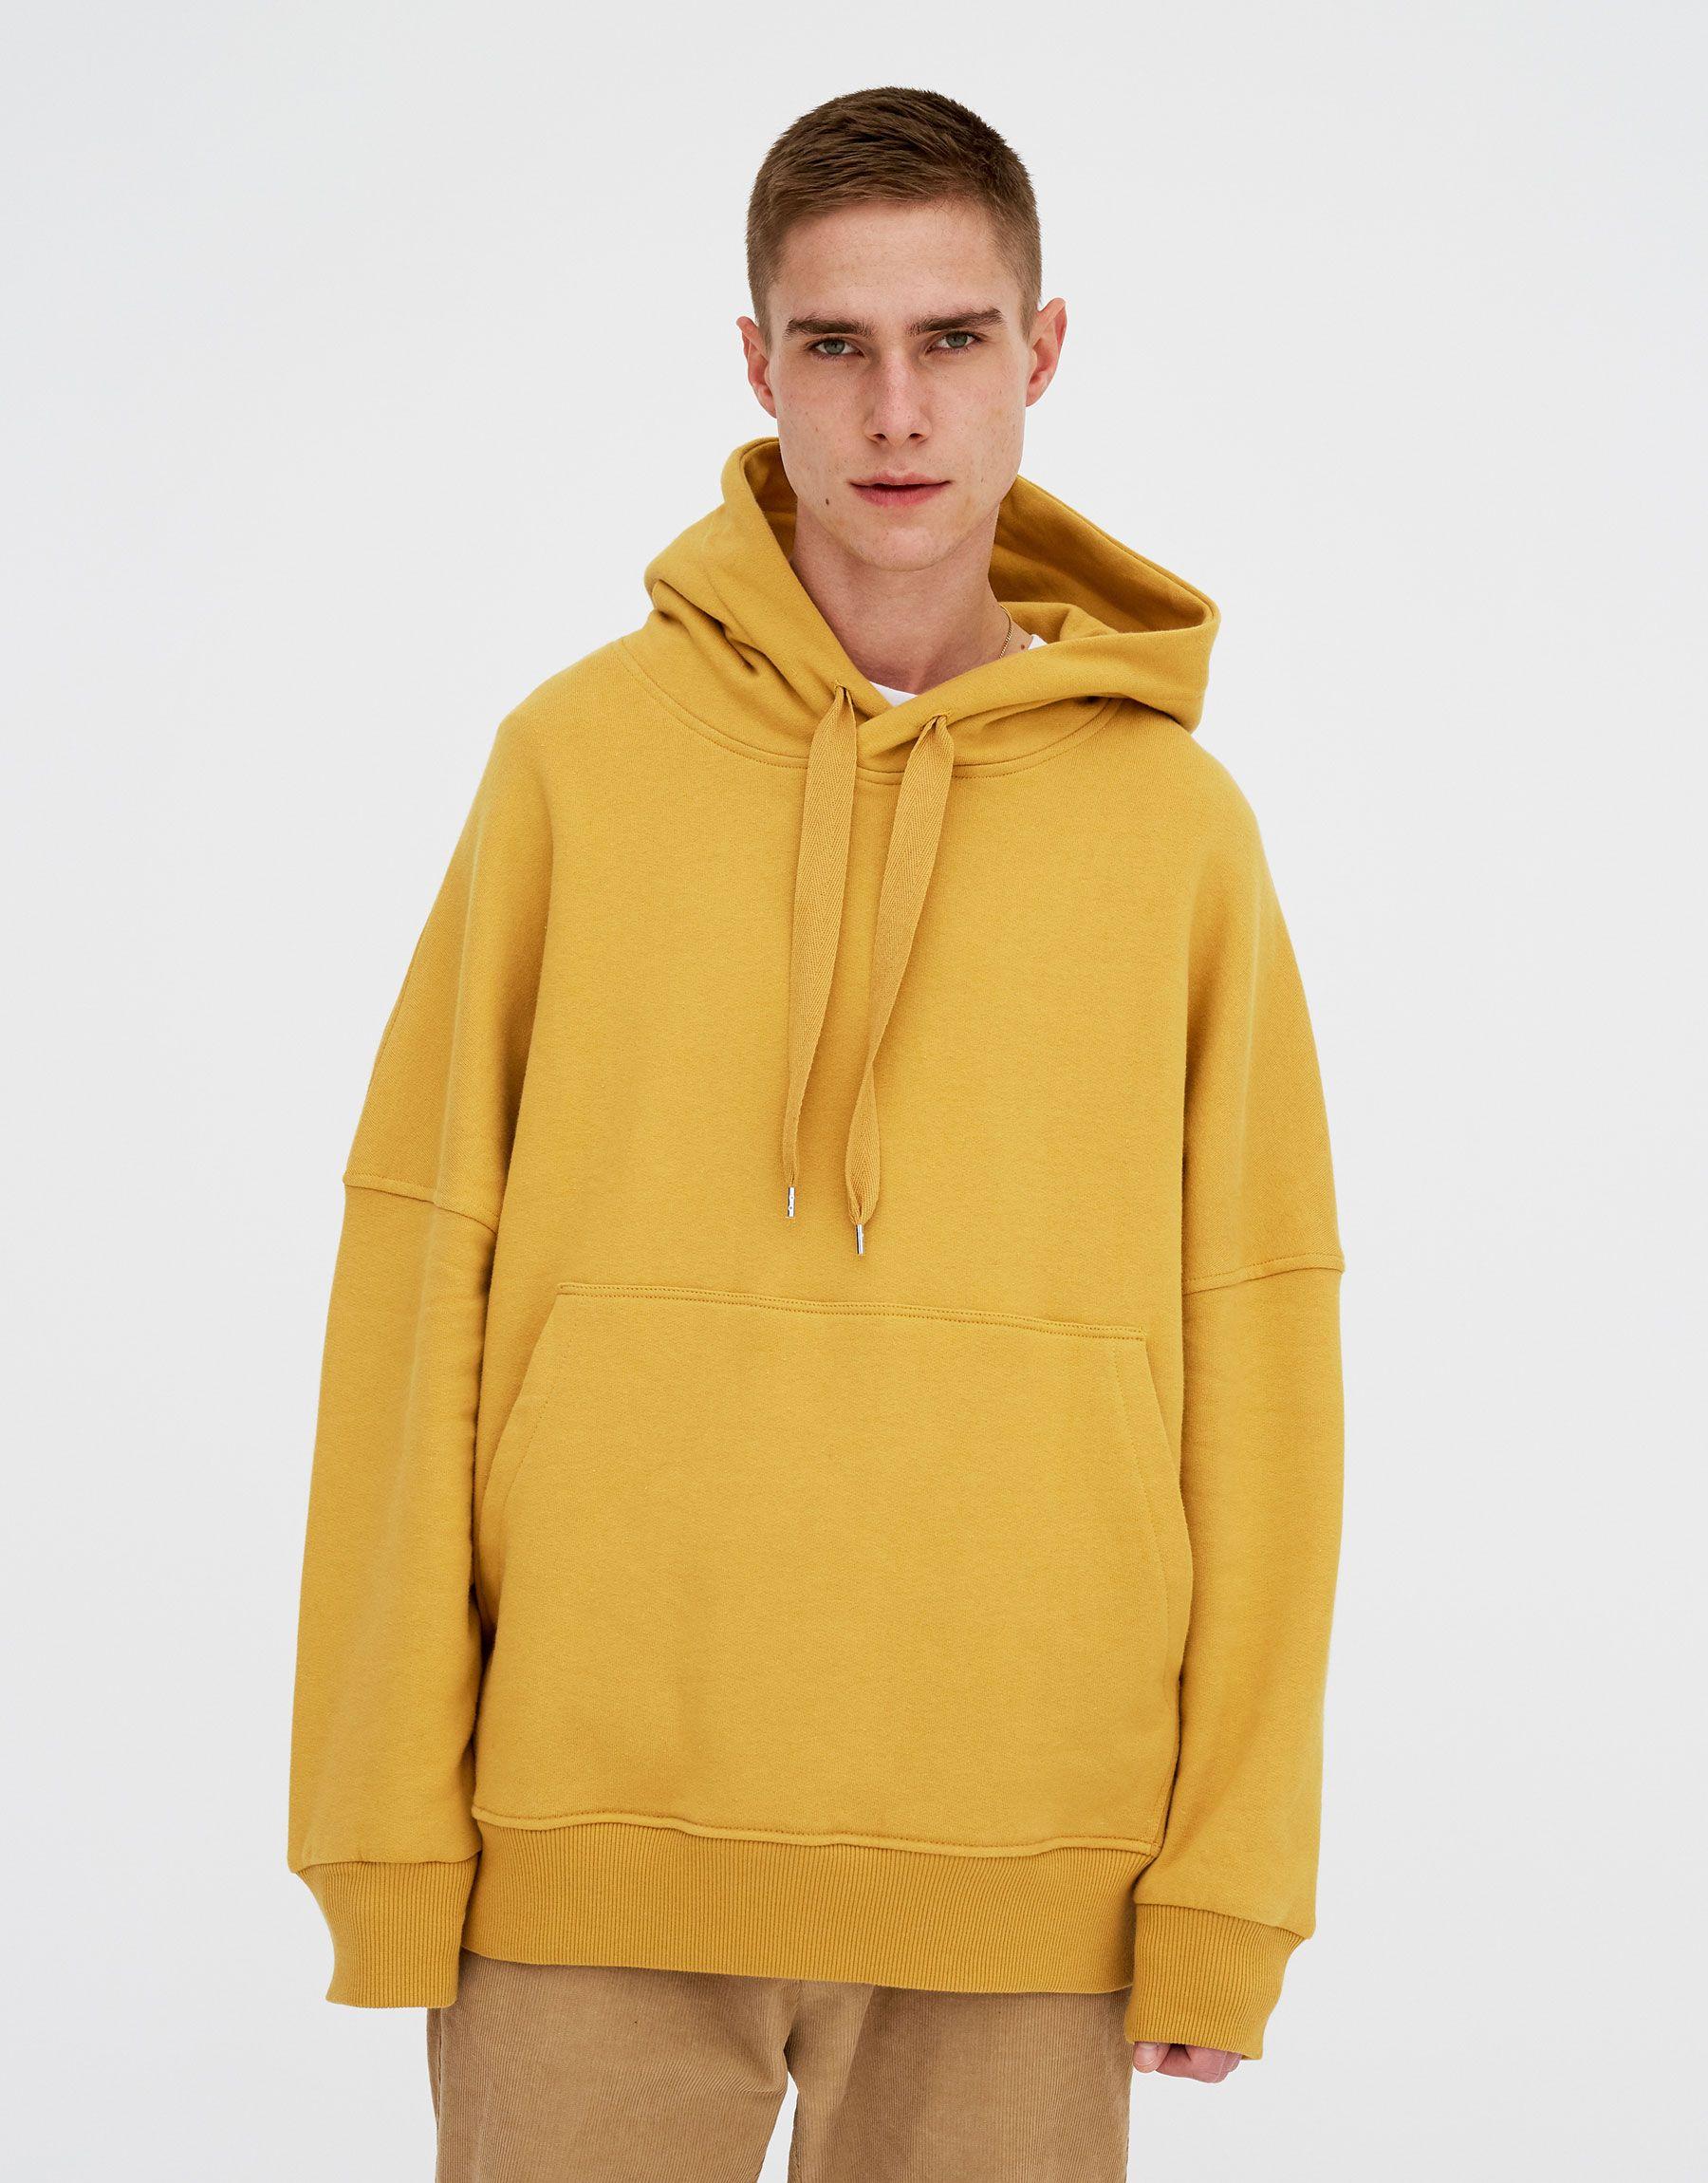 2016 nuevo diseño para hombre Causal hoodies, ropa